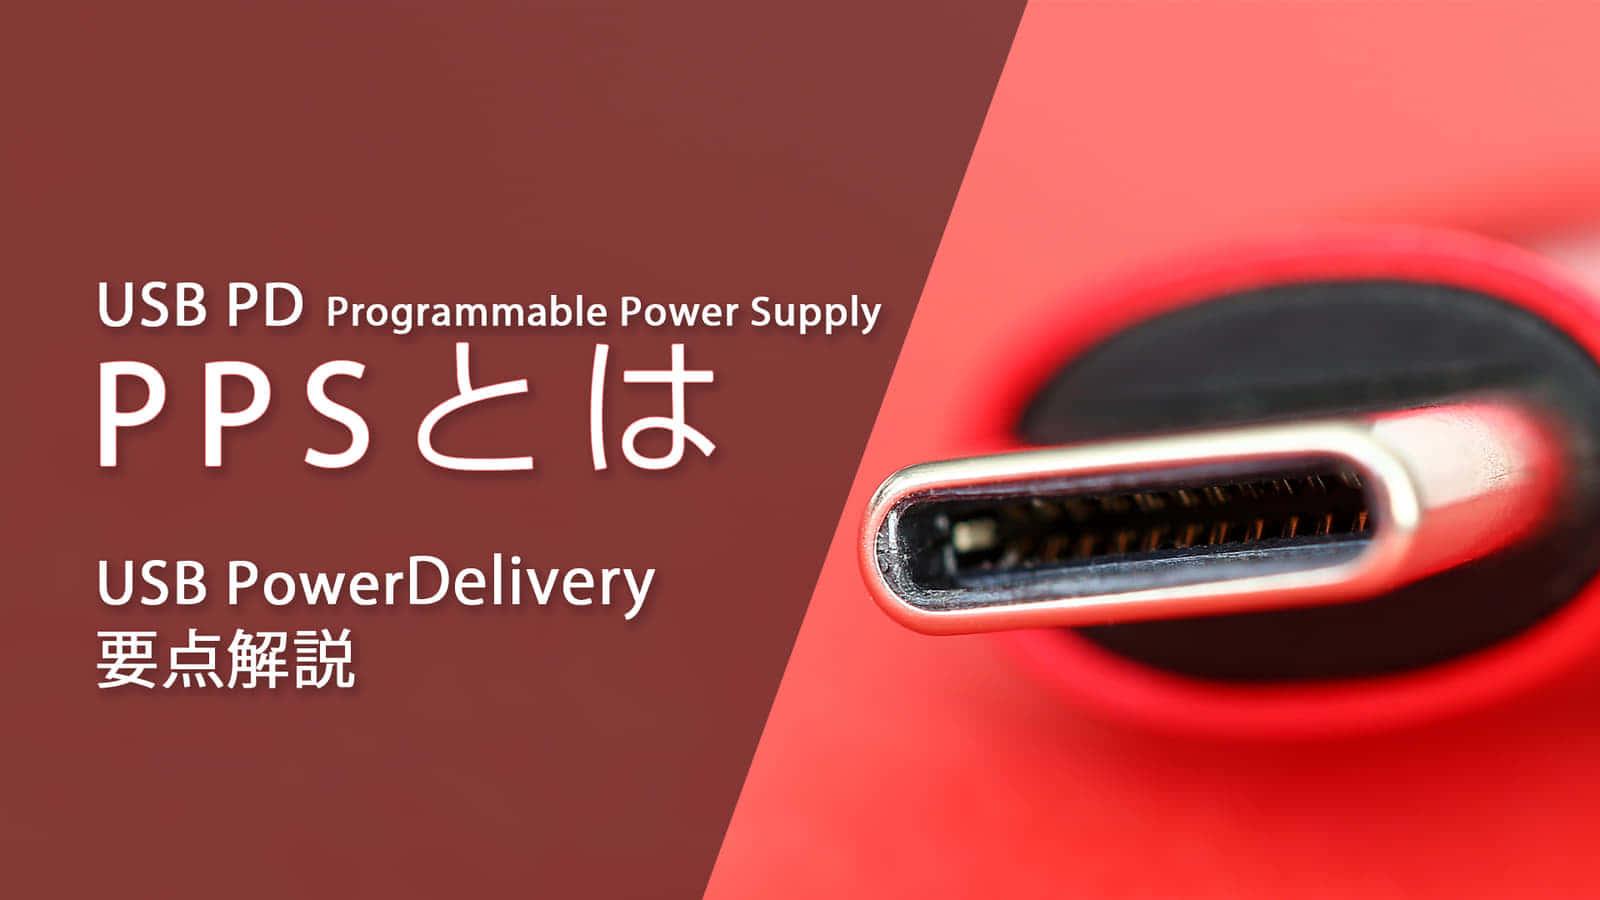 USB PD PPS(Programmable Power Supply)とは、USB給電を根本から変える技術